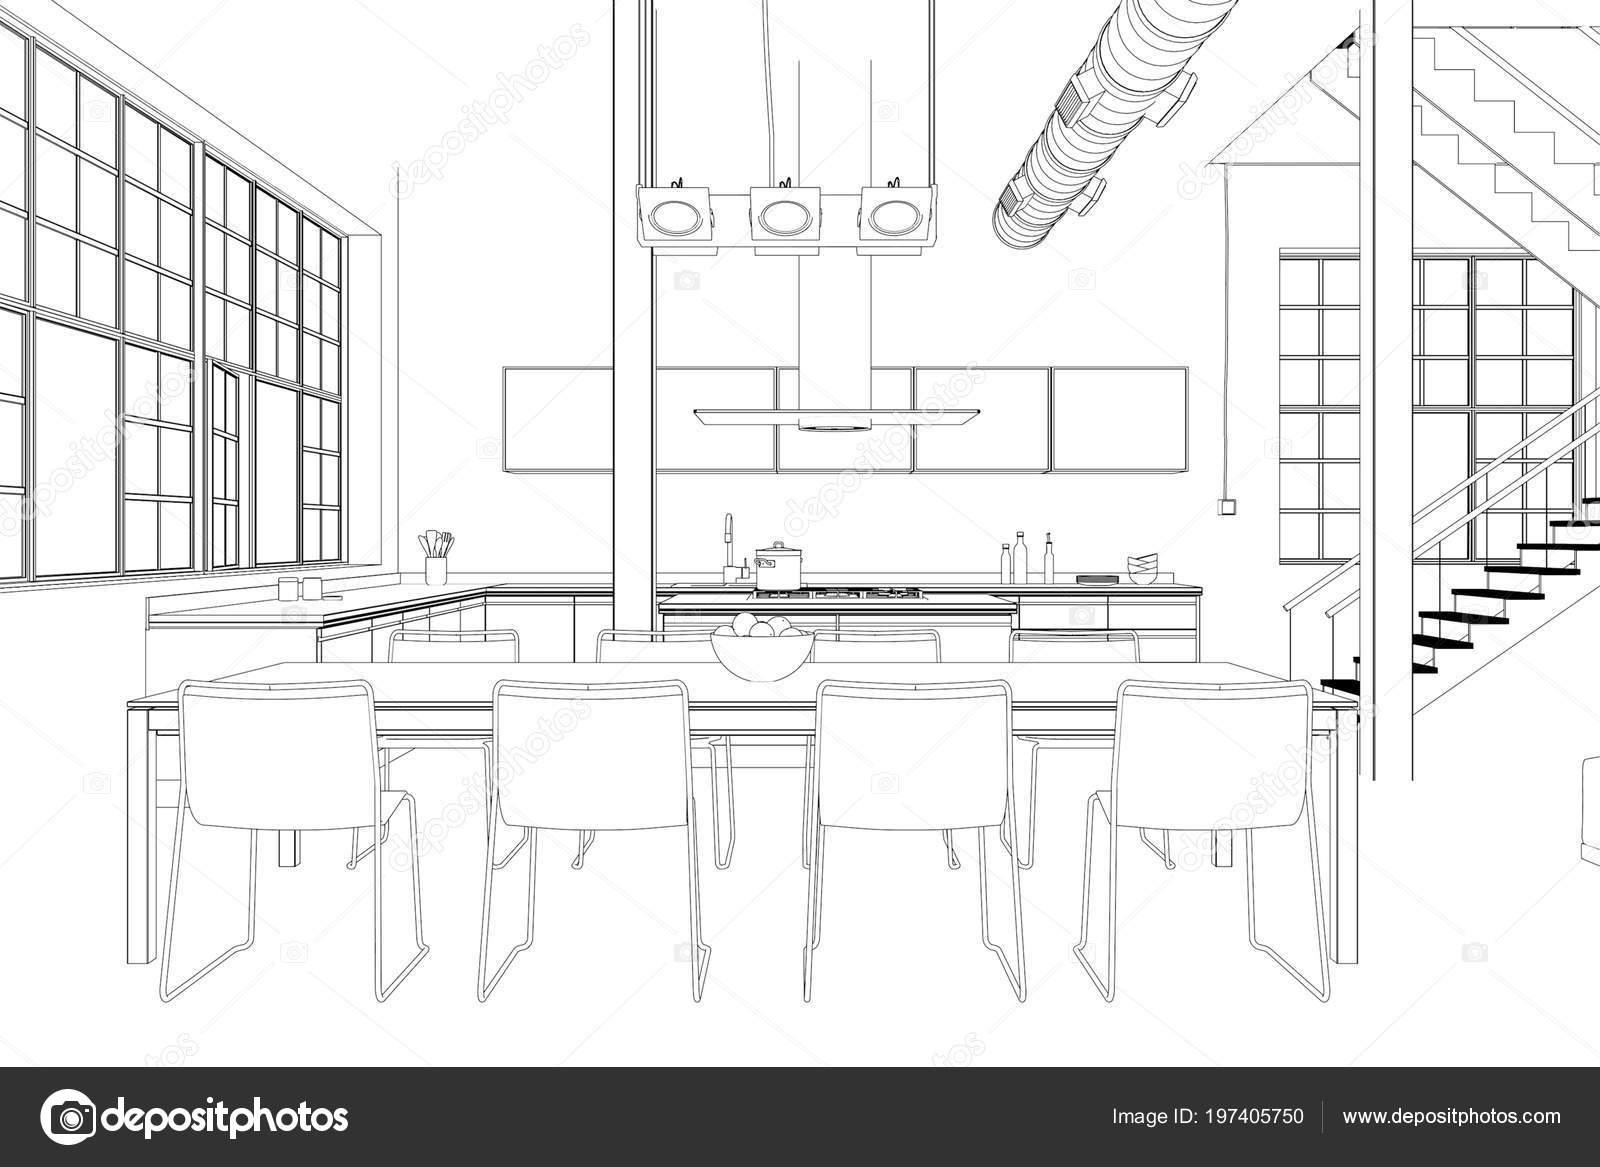 Interior Design Moderne Loft Kuche Benutzerdefinierte Zeichnung